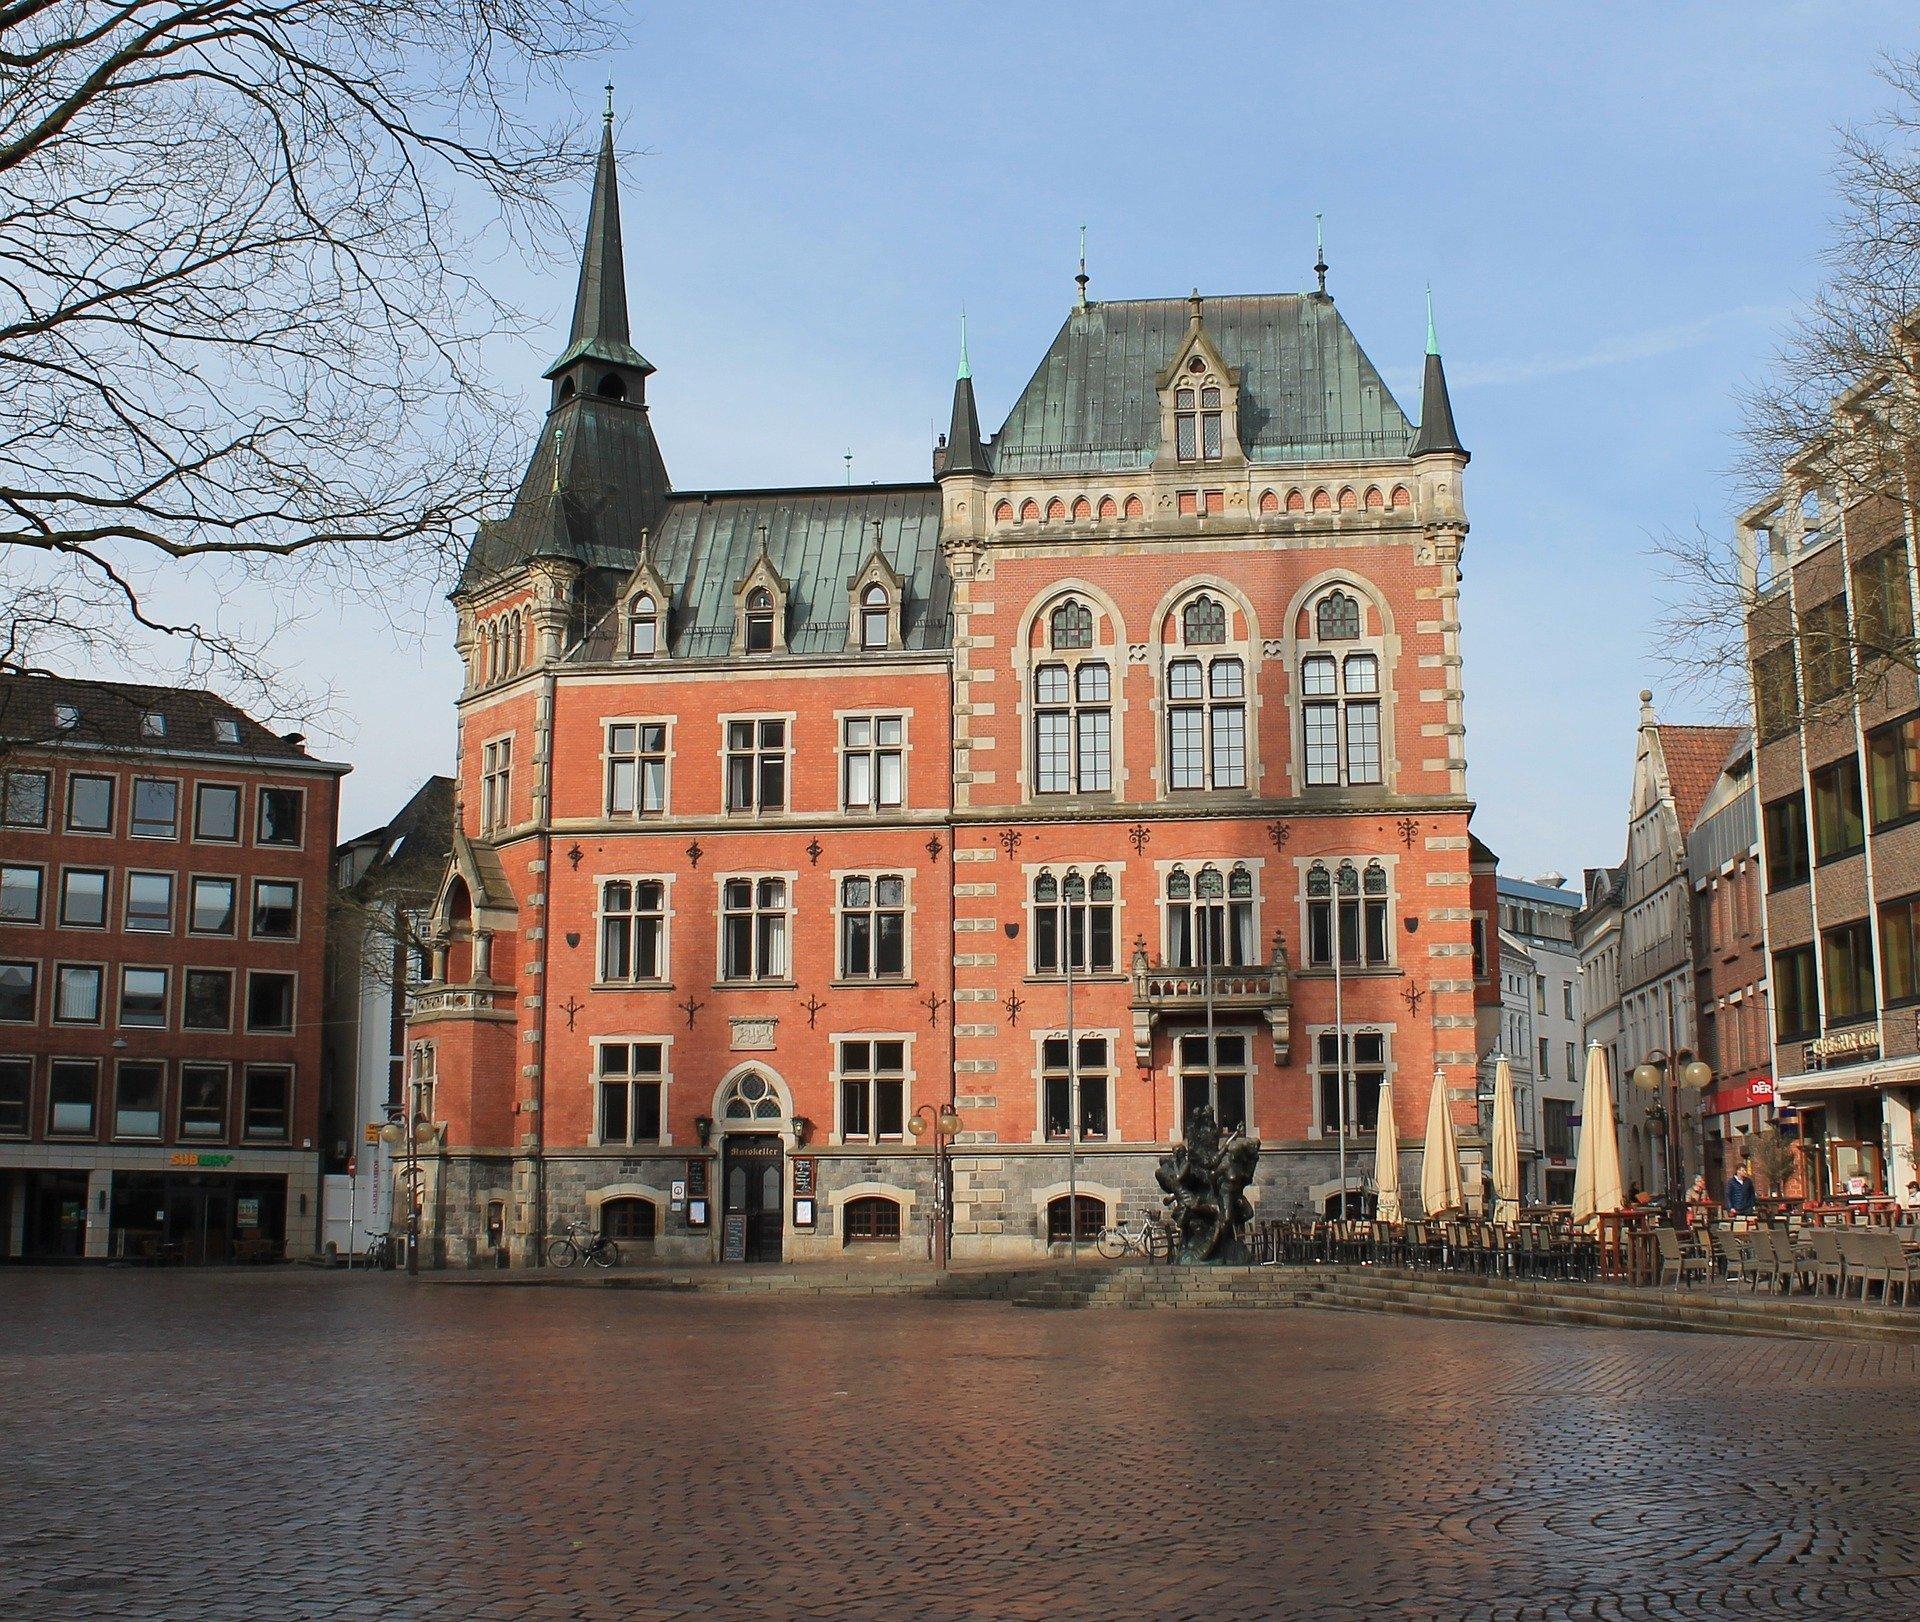 Impression aus Altstadt von Oldenburg